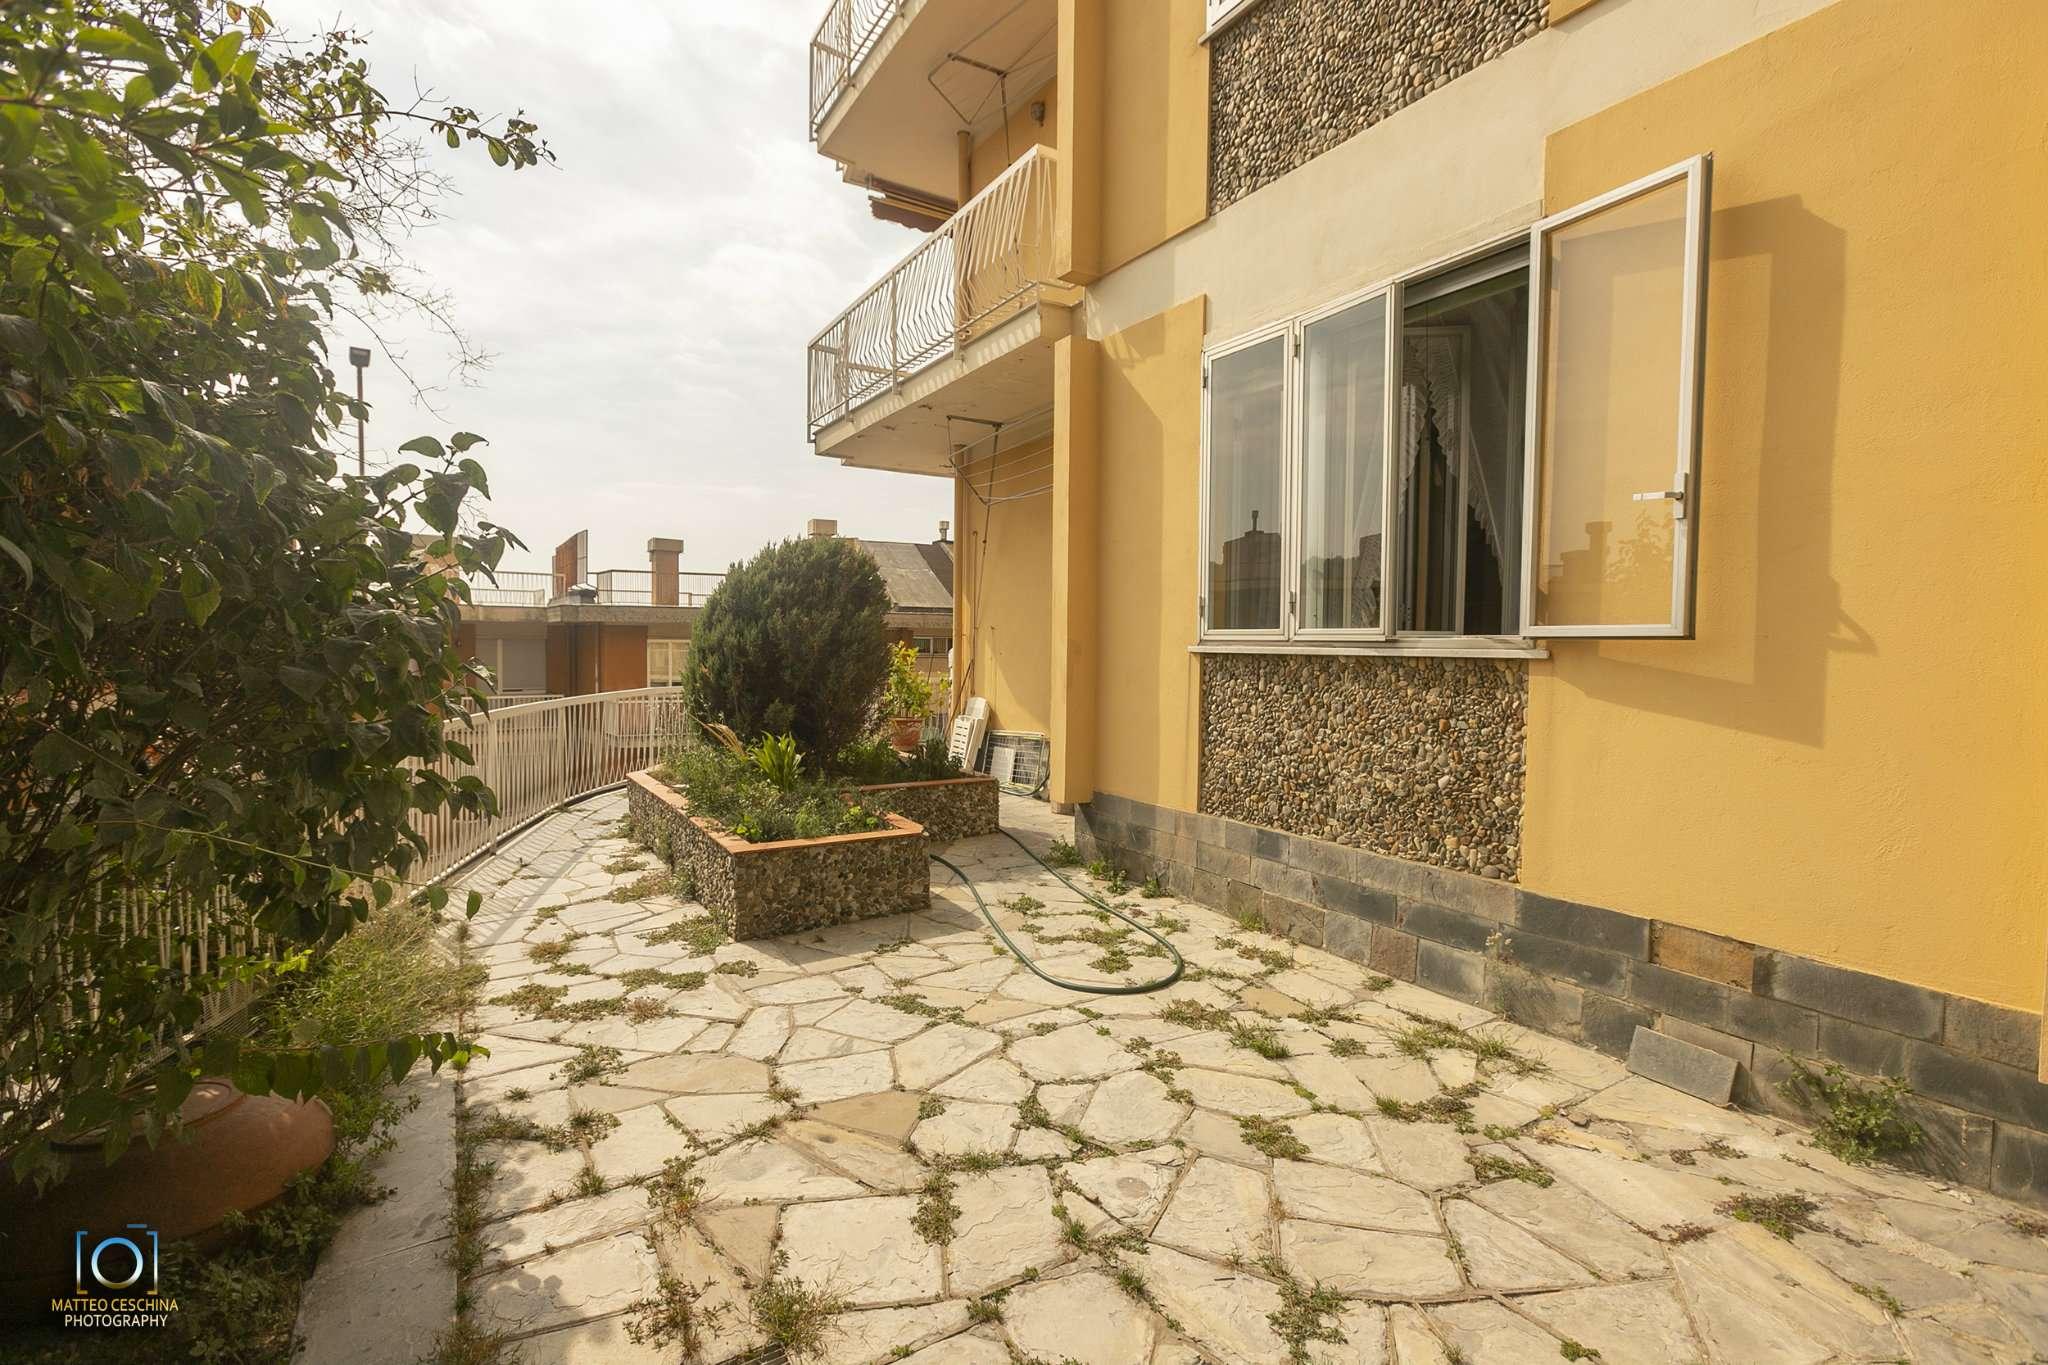 Appartamento in vendita a Genova, 8 locali, zona Marassi-Staglieno, prezzo € 260.000 | PortaleAgenzieImmobiliari.it